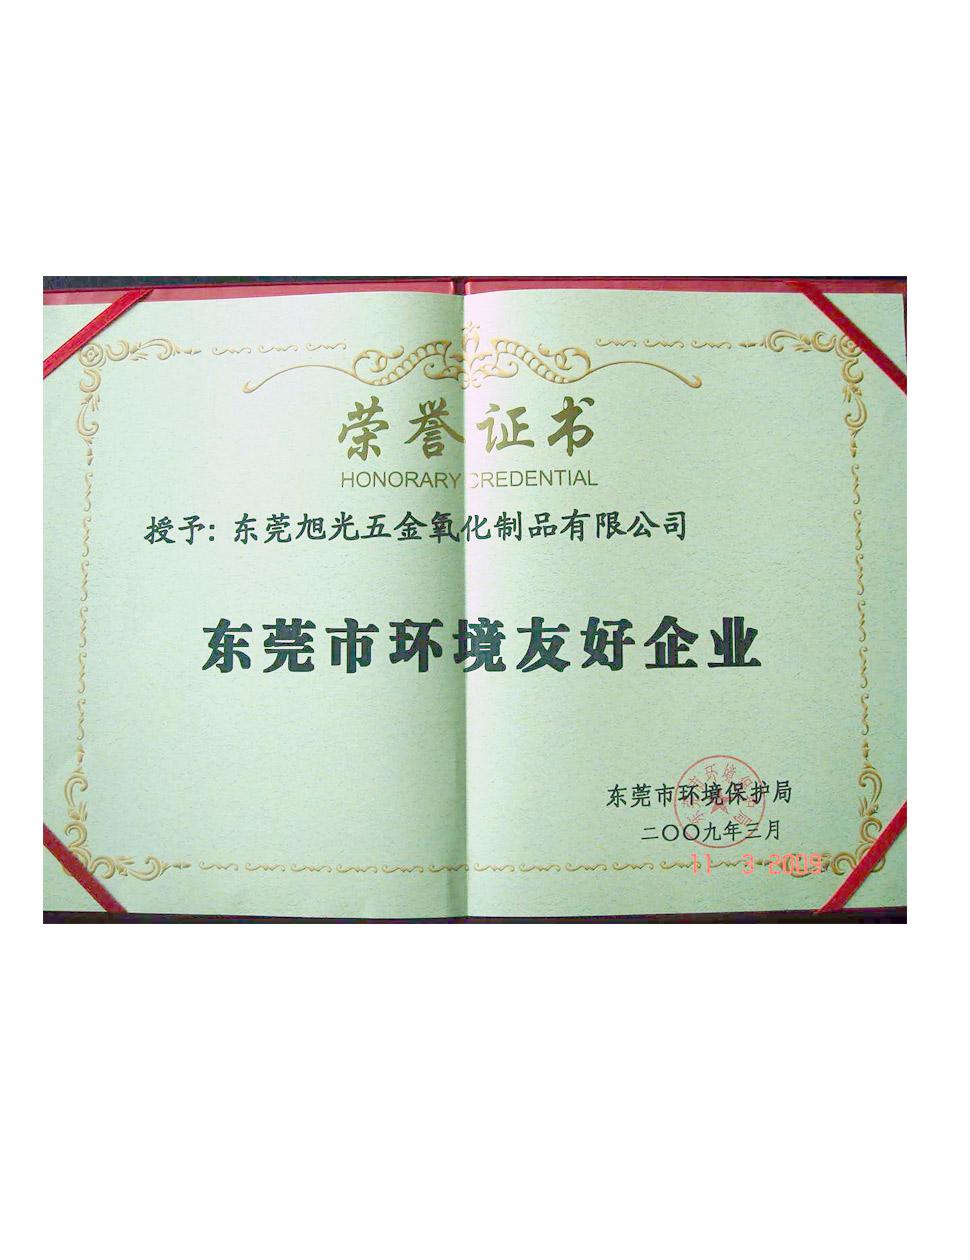 环境友好企业证书